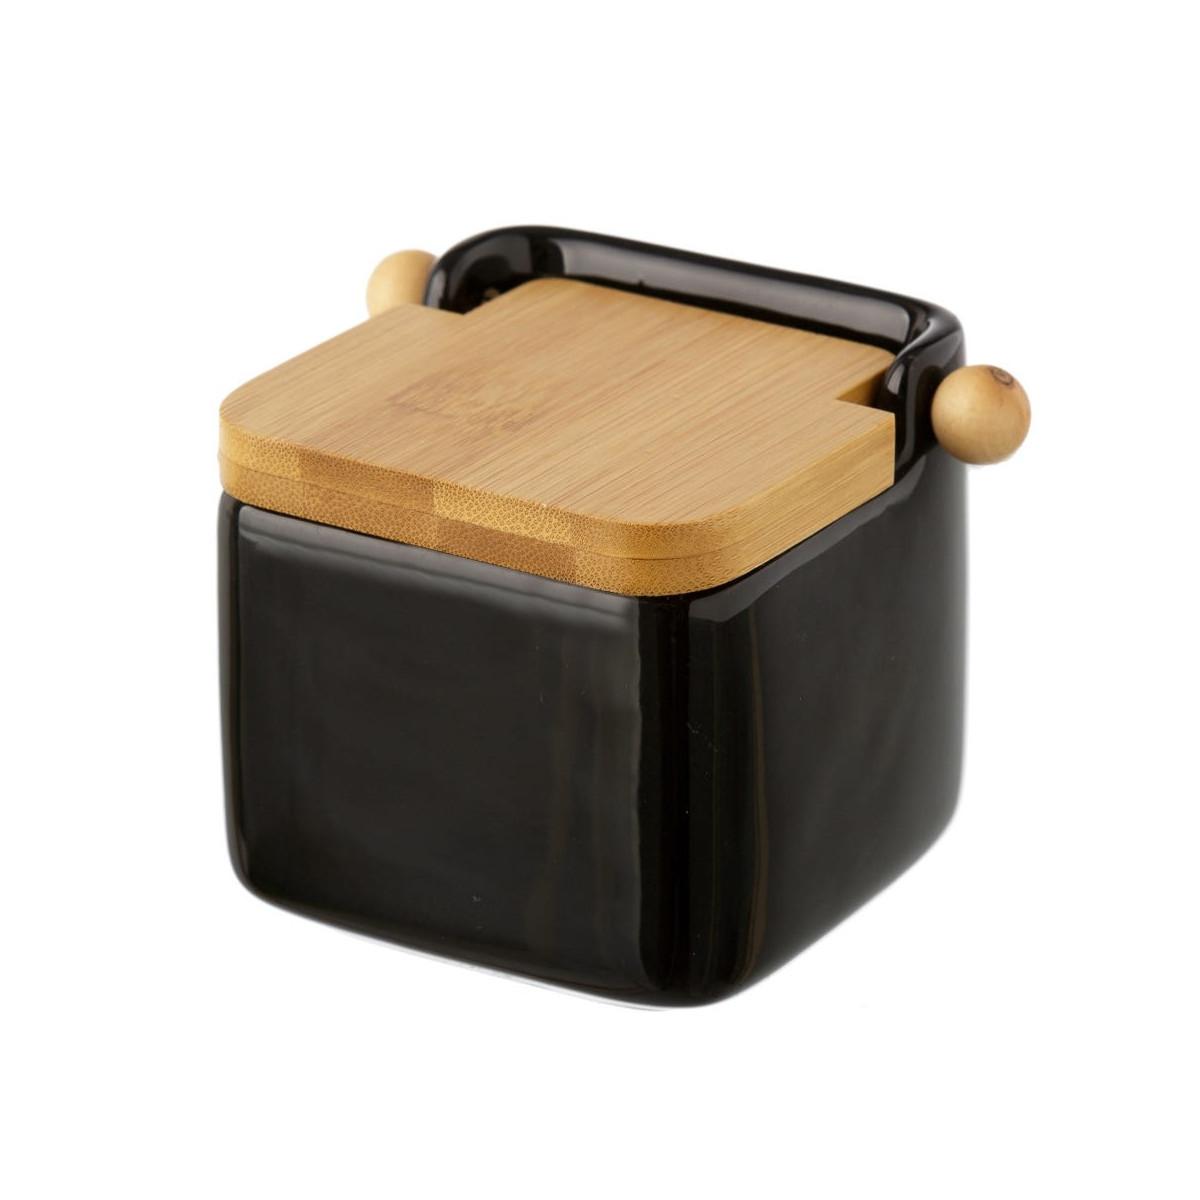 Pot à sel en céramique noir et couvercle bambou - 12x12x11cm